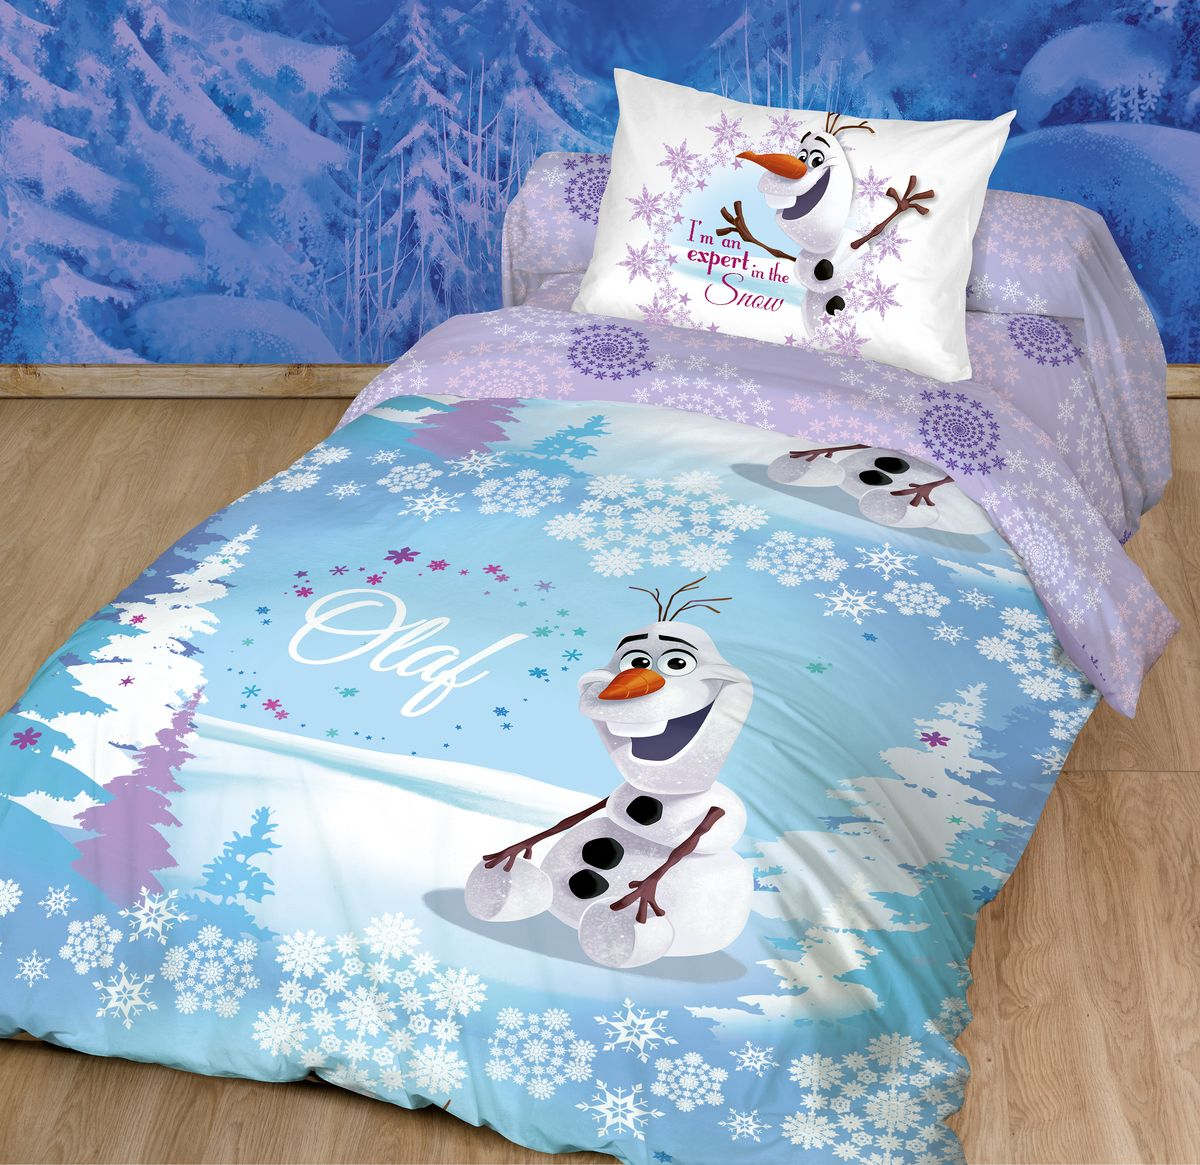 Комплект белья Disney, 1,5-спальный, наволочки 70х70. 186496186496Комплект белья Disney - это лицензионное постельное белье, выполненное из натуральных природных материалов.Комплект состоит из пододеяльника, простыни и наволочки.Уникальная структура ткани с высокими потребительскими свойствами. Ранфорс - это 100% хлопковая ткань. Привлекательная упаковка, позволяющая быть великолепным подарочным вариантом. Высокое качество пошива. Ручной подбор раппорта для сохранения целостности героя. Такой комплект привнесет в спальню ребенка массу новых красок и незабываемых впечатлений.